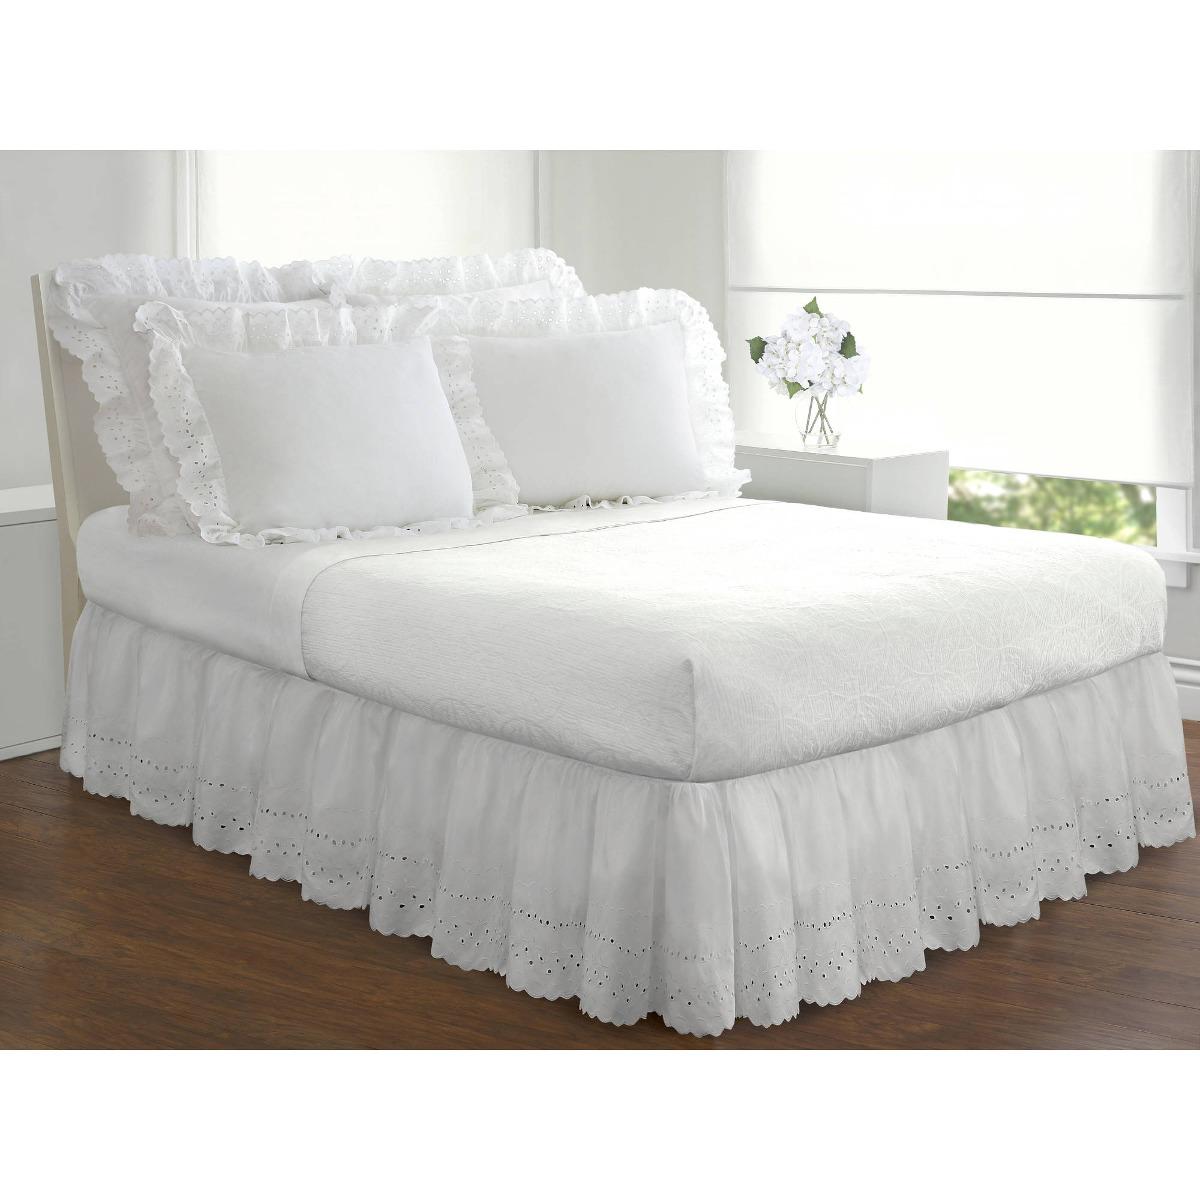 Autor ojete volantes falda de cama ropa de cama 187 - Ropa de cama original ...